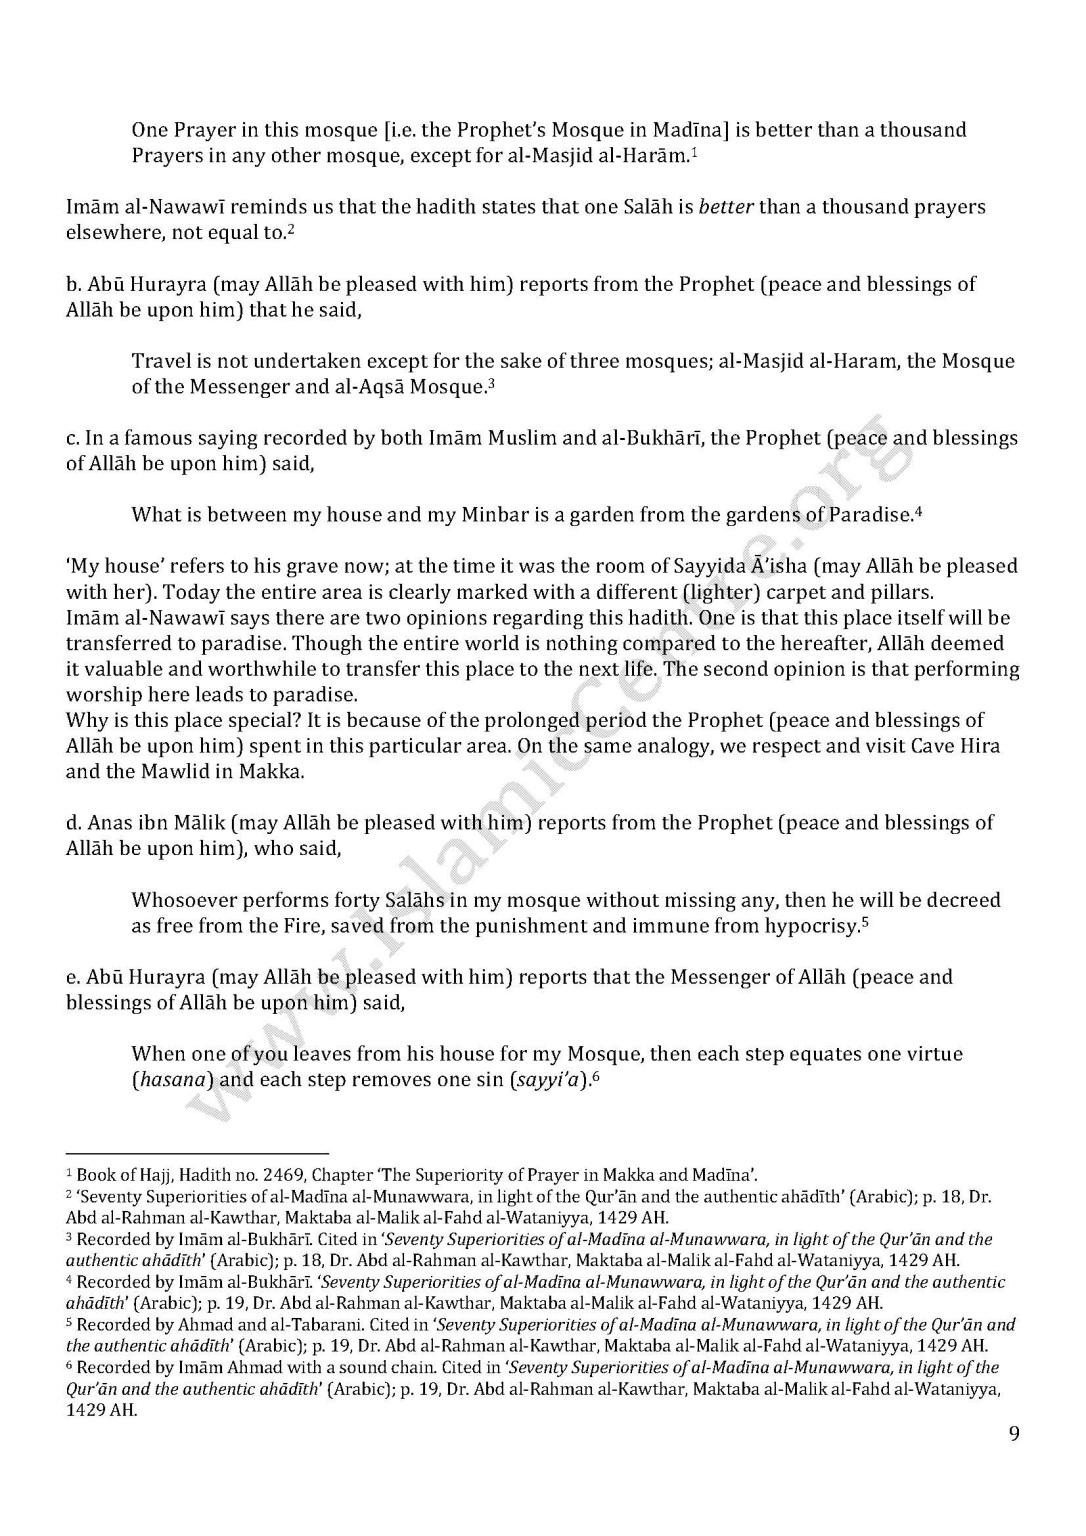 HistoryofMasjidNabawi_Page_09